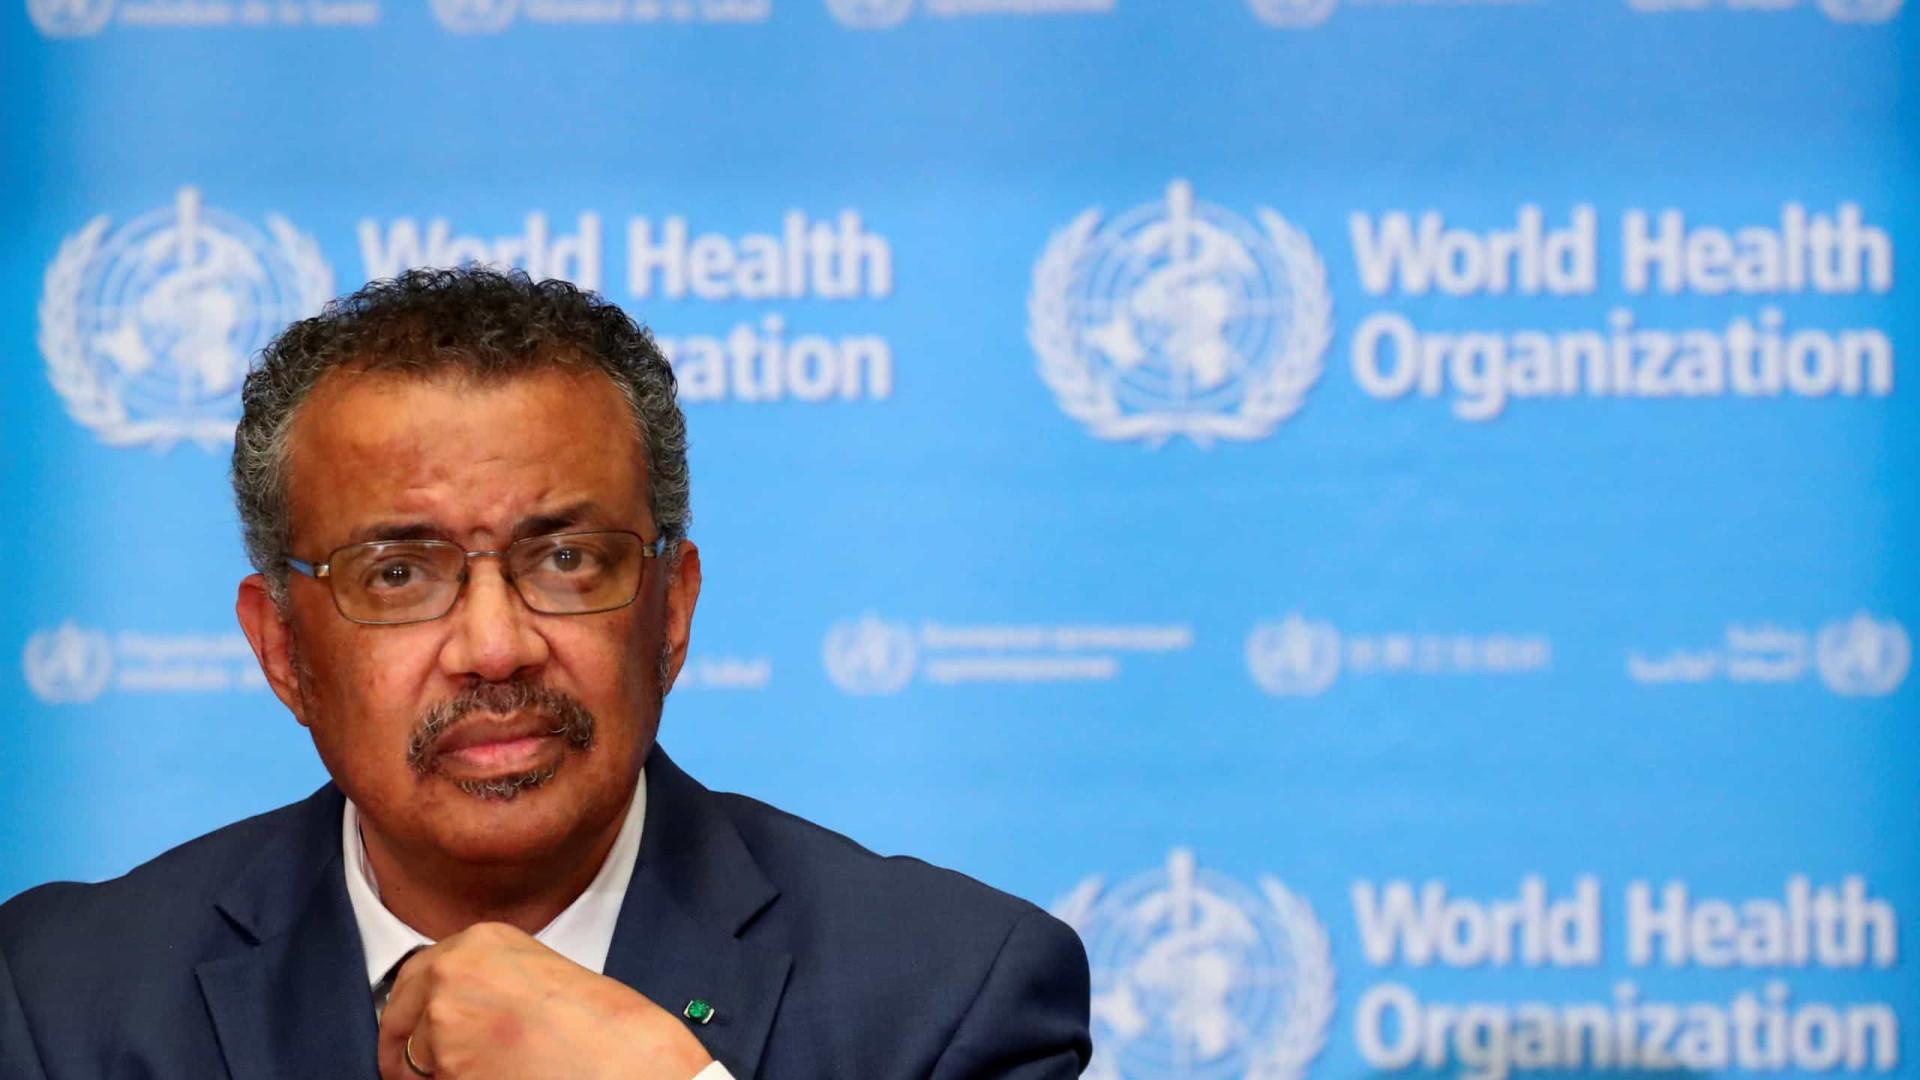 Diretor-geral da OMS diz que pandemia de coronavírus está acelerando